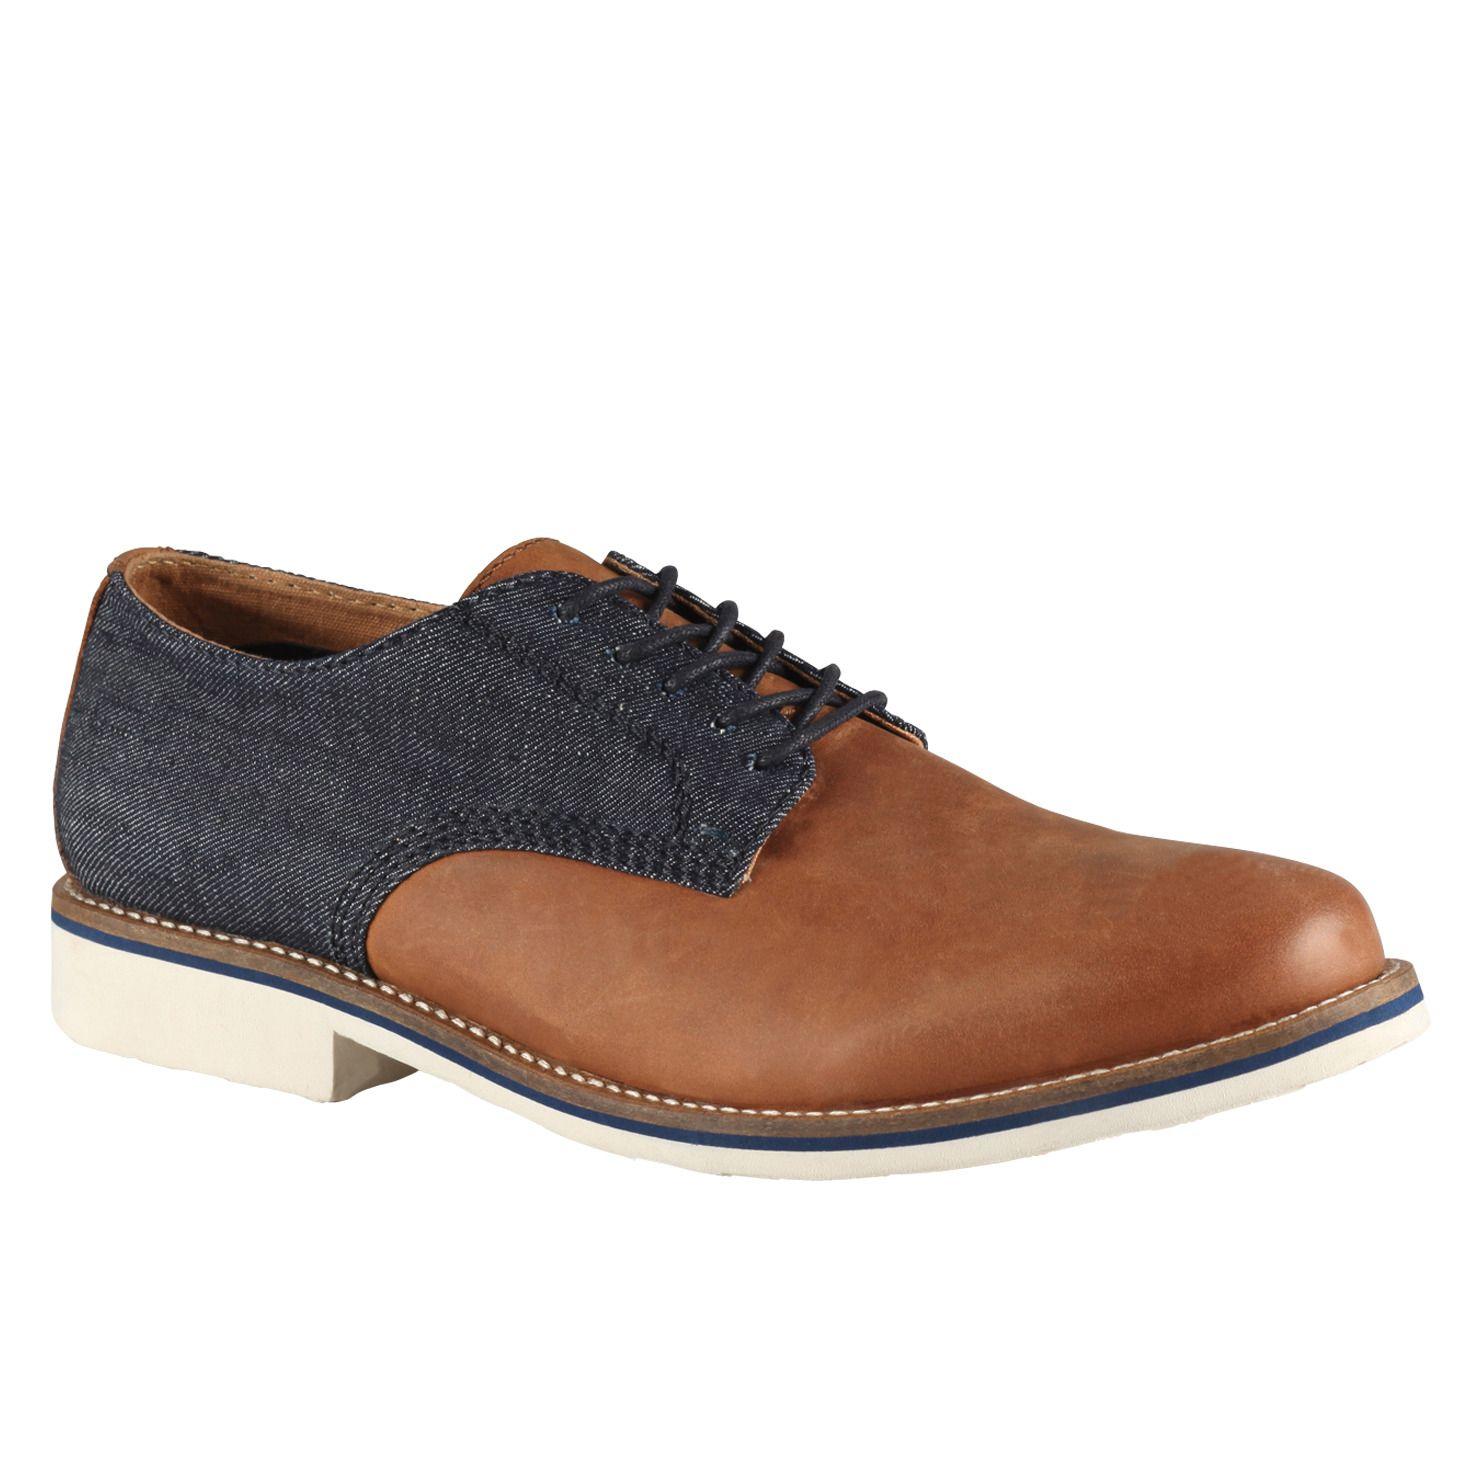 a2231d9e92f56 BRIDWELL - sale's sale shoes men for sale at ALDO Shoes.size 9 ...